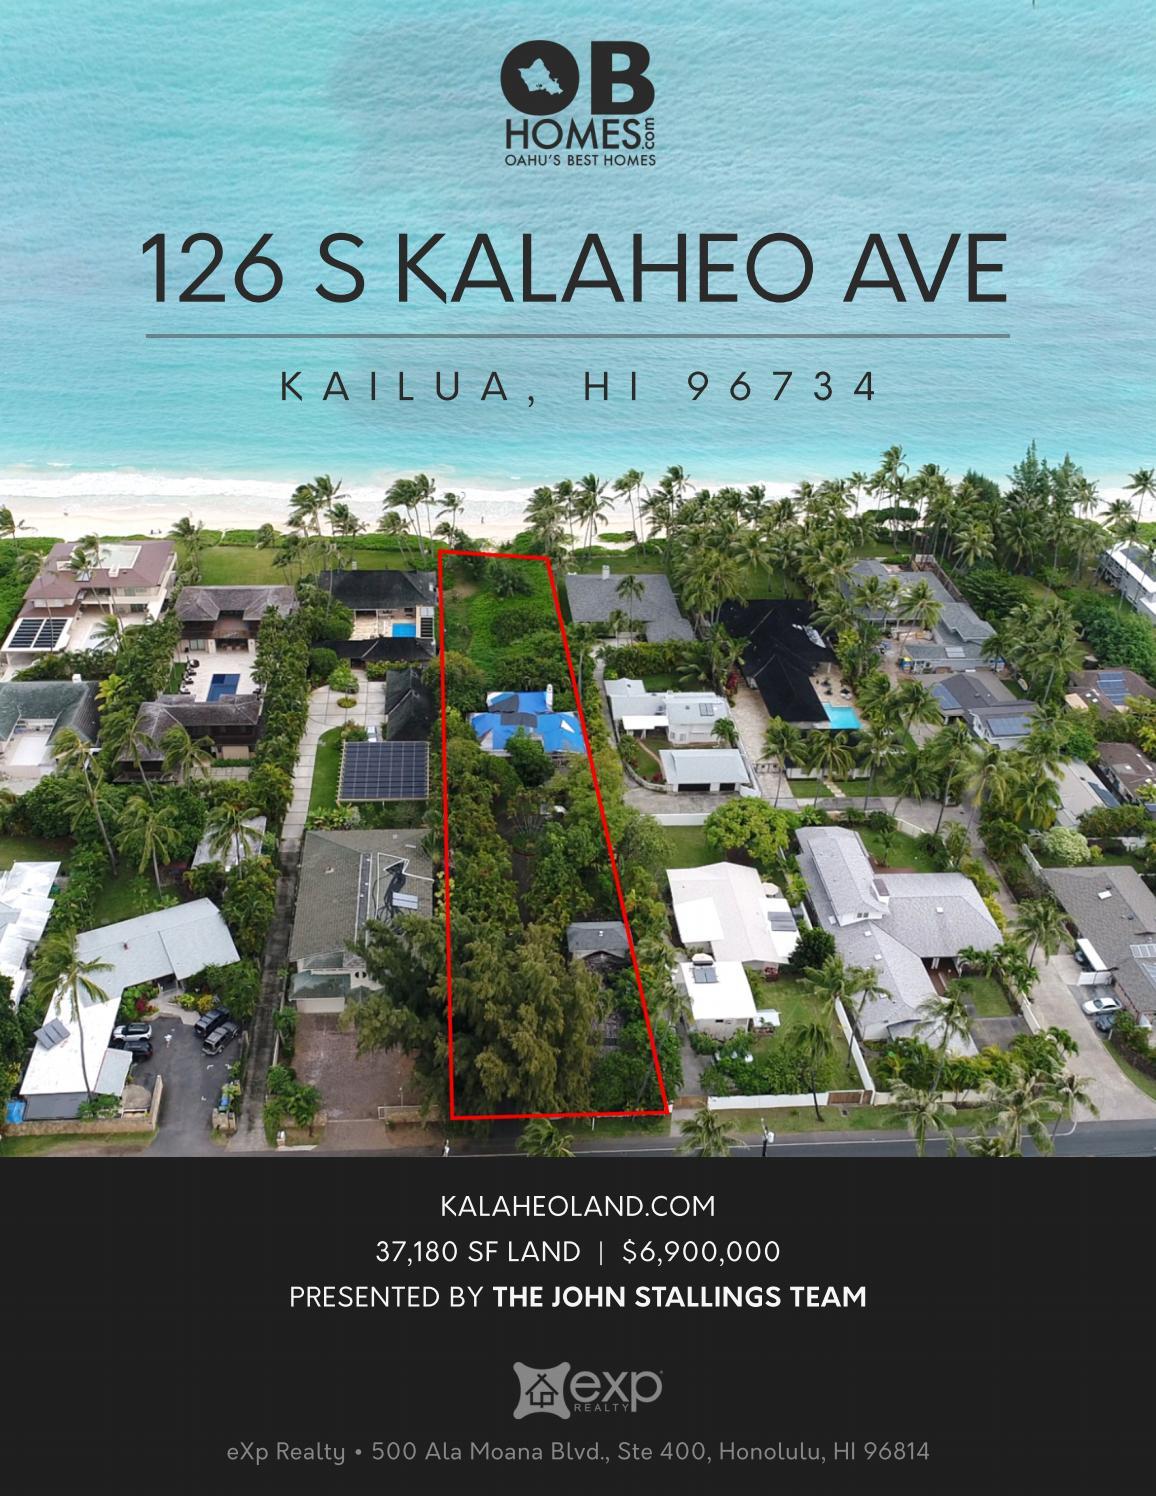 126 S Kalaheo Ave Sales Package By John Stallings Obhomes